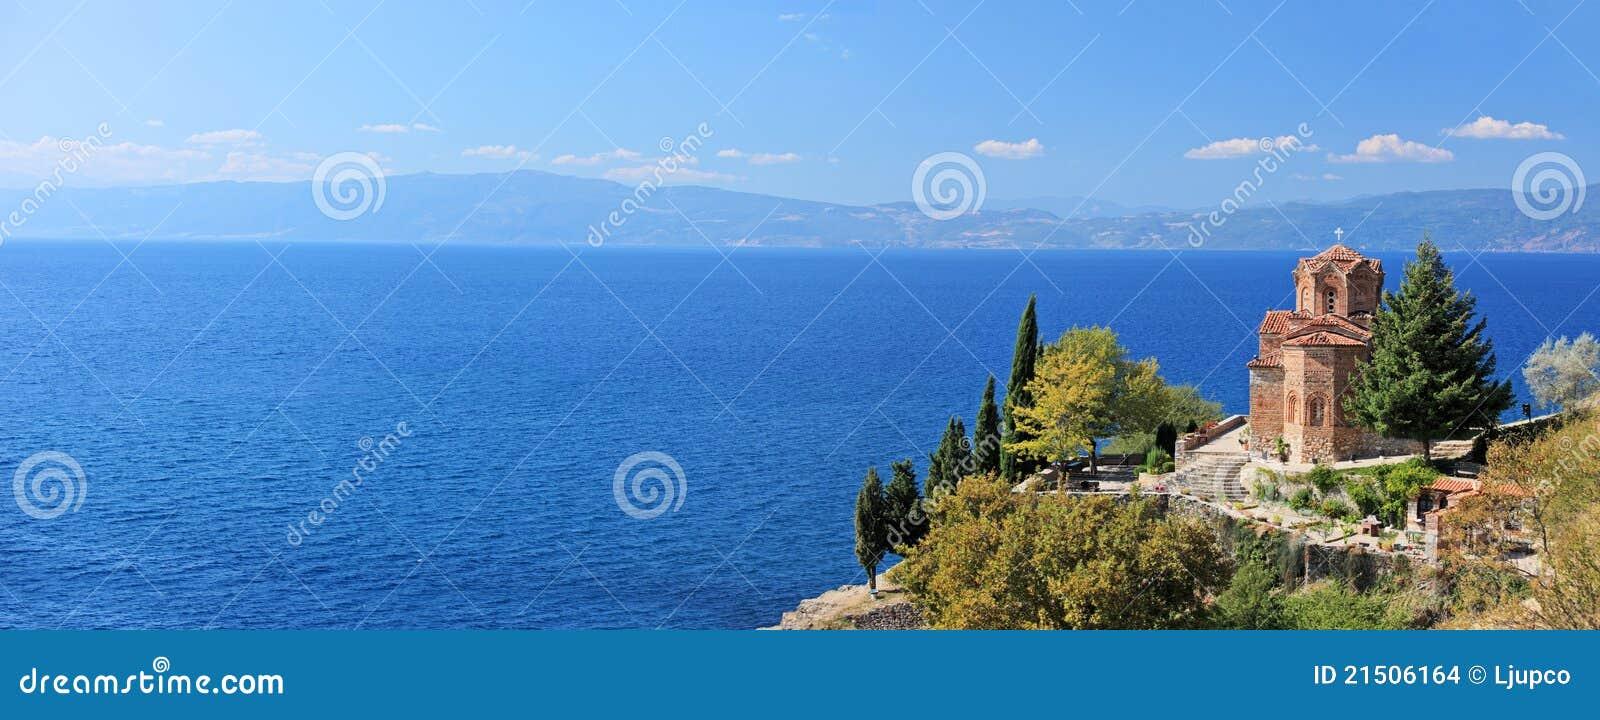 Kirche Str.-Jovan Kaneo, die Ohrid See übersieht